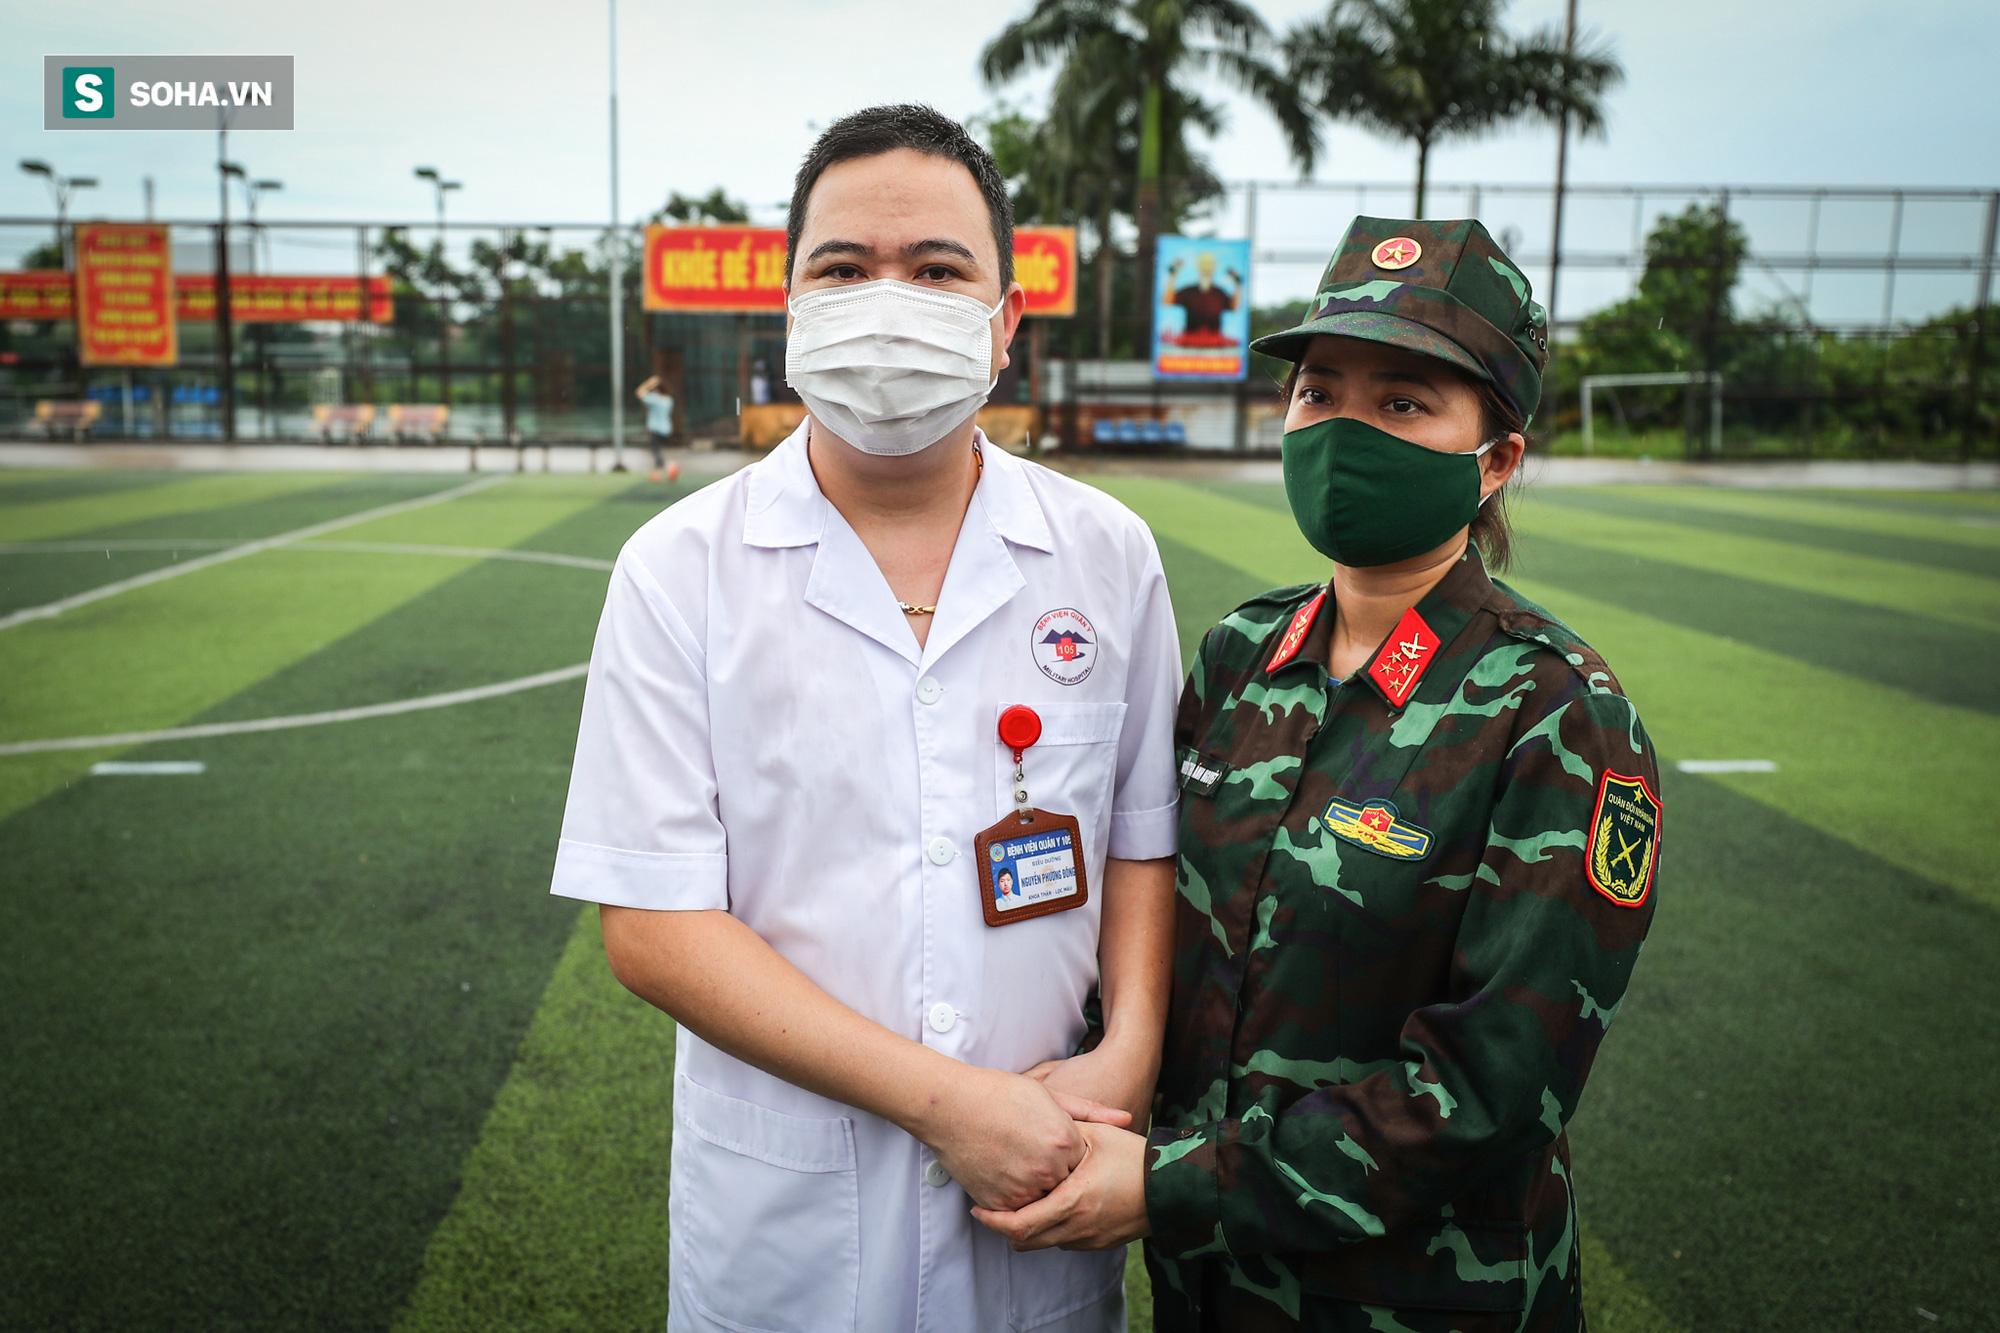 Khoảnh khắc xúc động của 130 y bác sĩ lên đường chi viện cho miền Nam chống dịch - Ảnh 7.